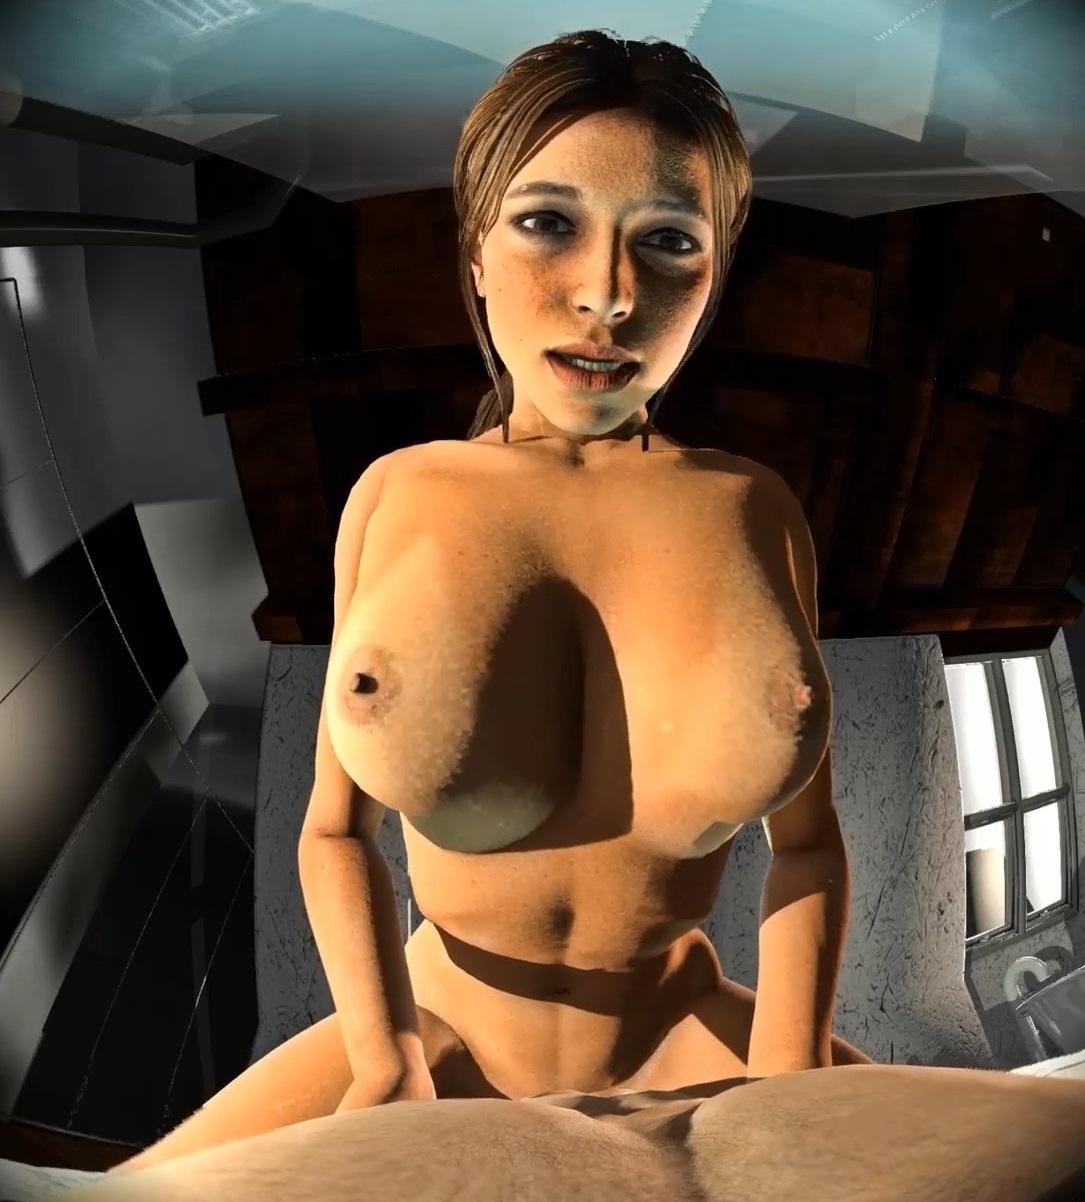 Image hentaГЇ de lara croft porno scenes